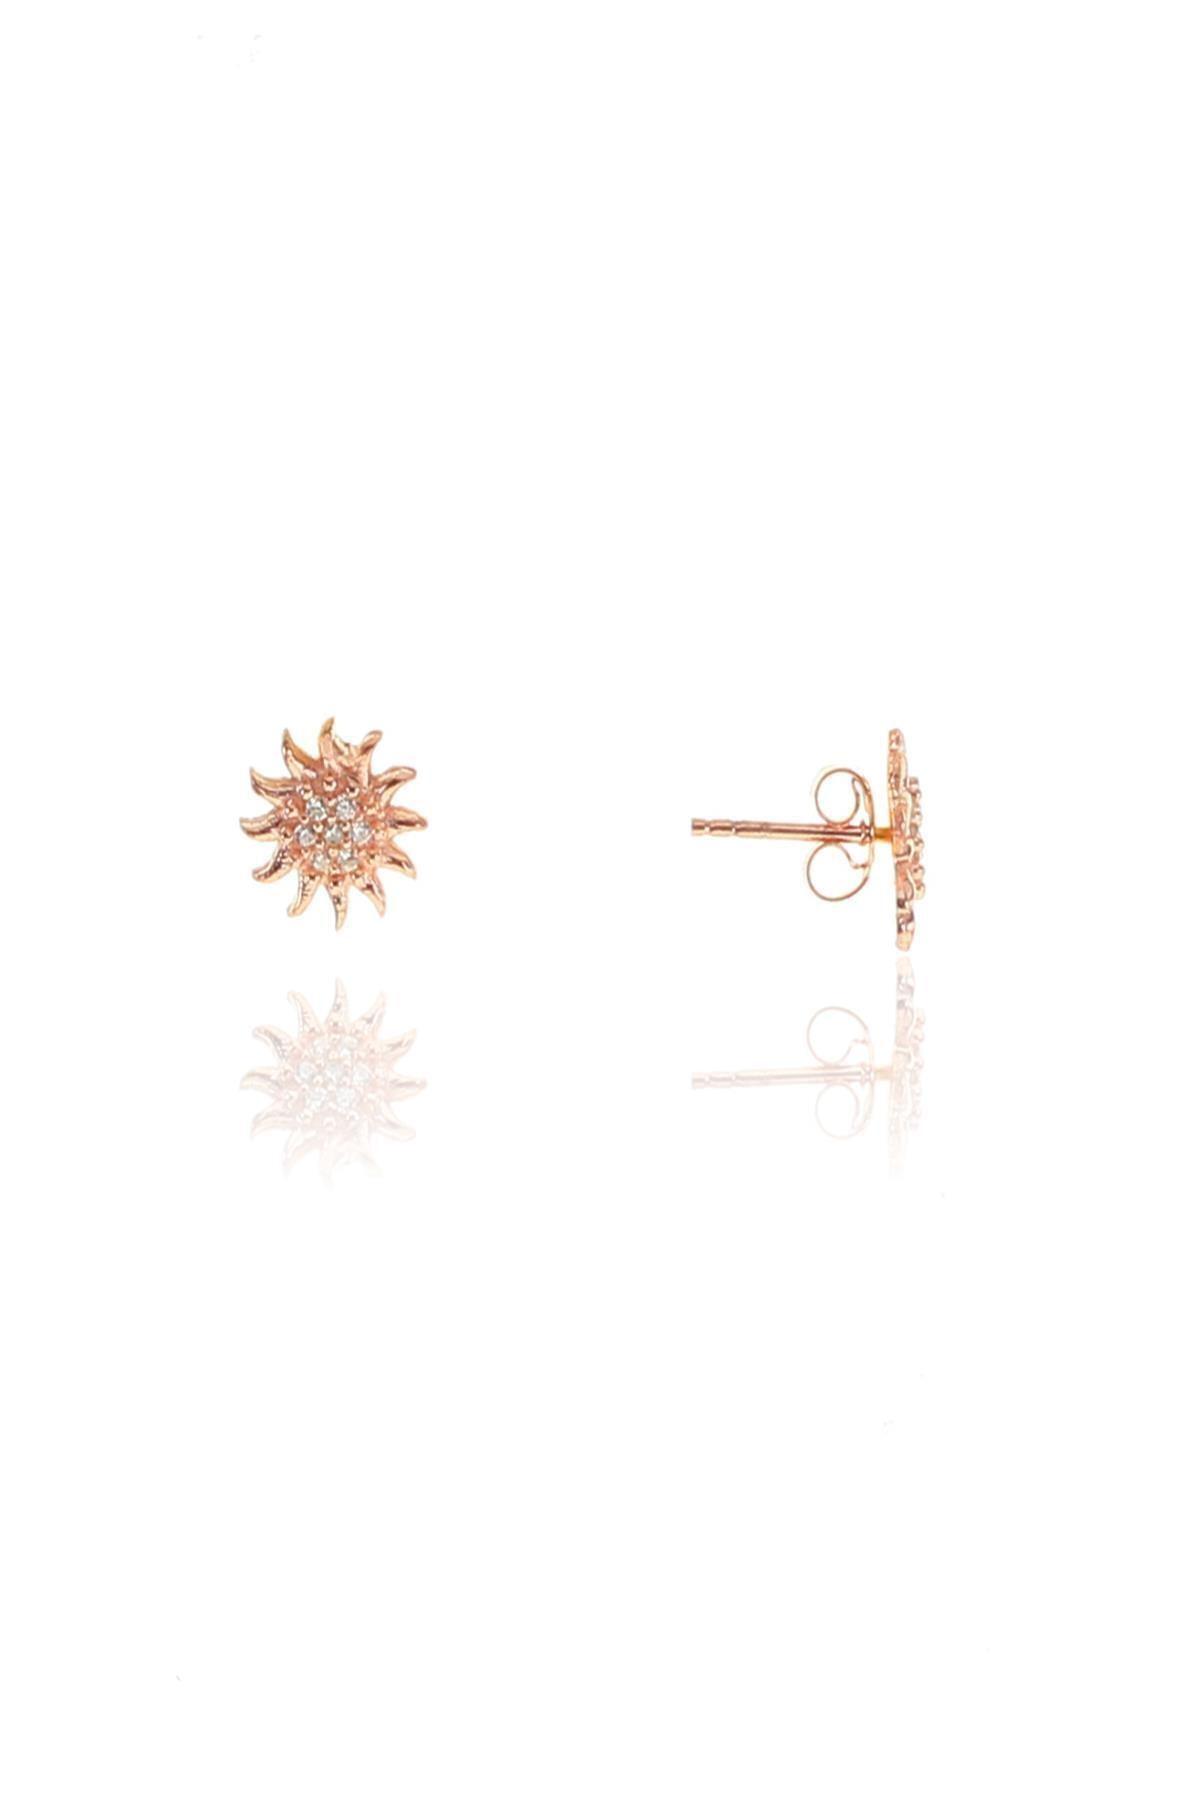 Söğütlü Silver Gümüş Rose Zirkon Güneş Küpe 2